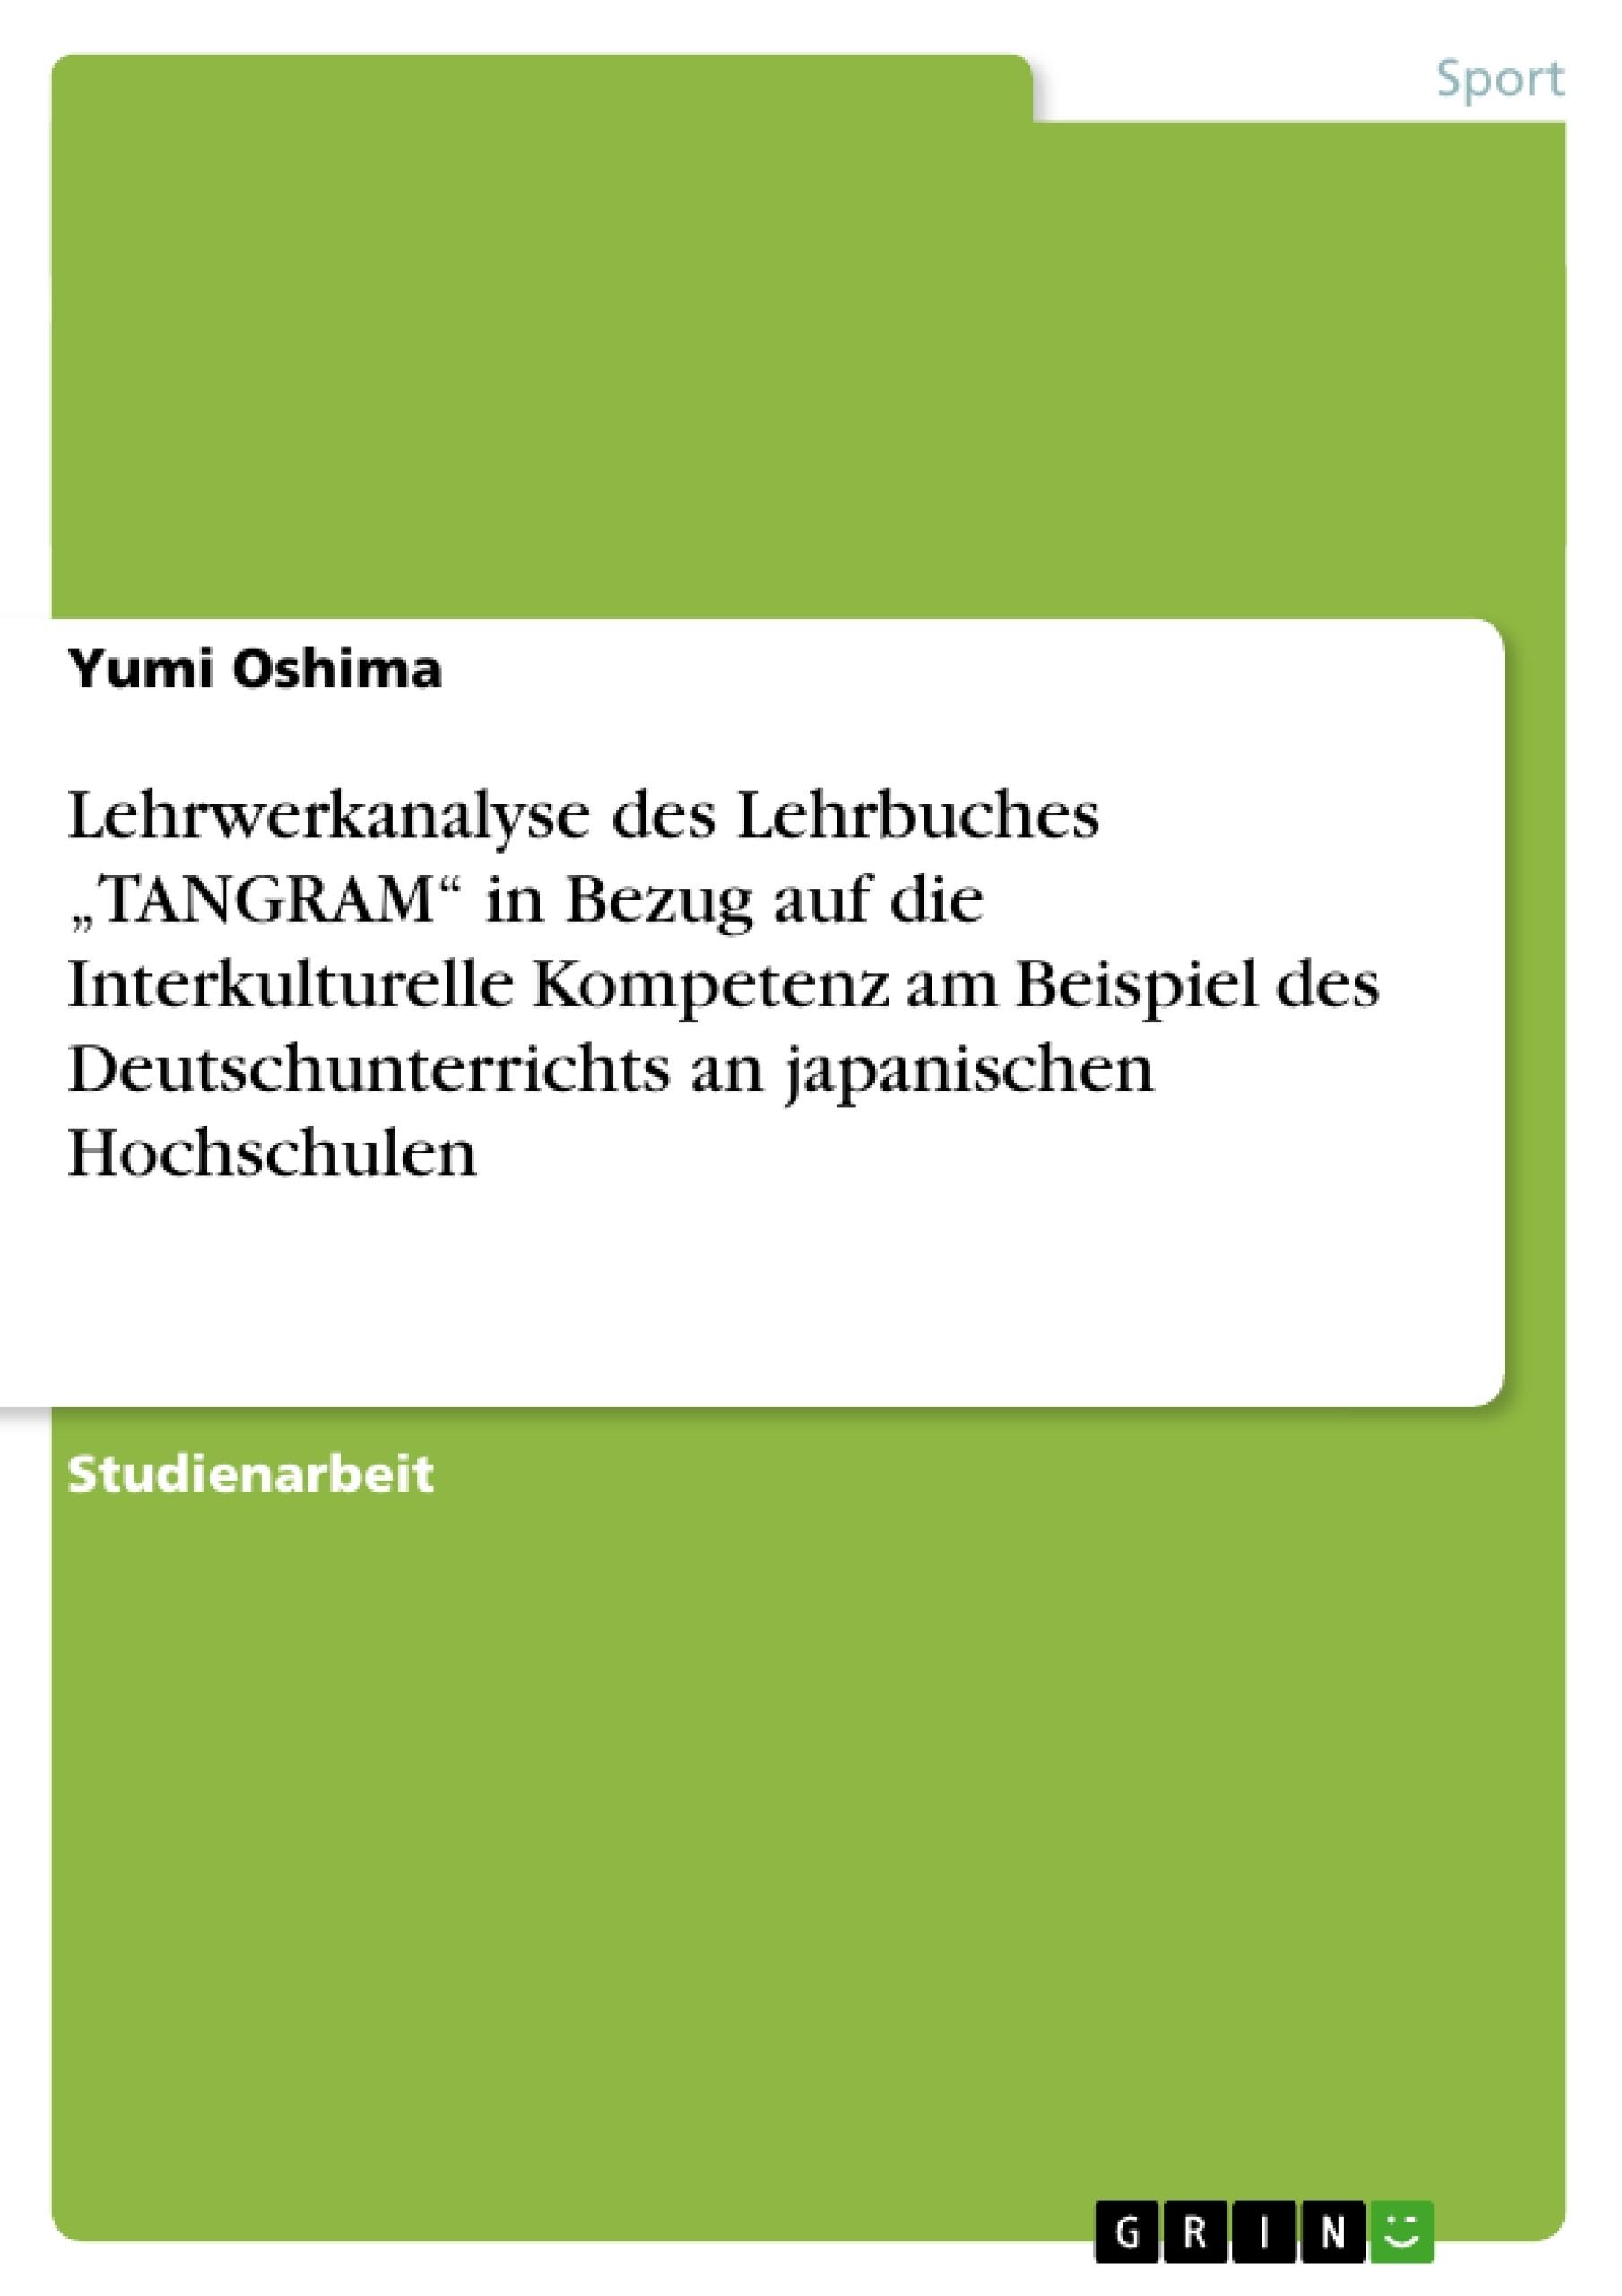 """Titel: Lehrwerkanalyse des Lehrbuches """"TANGRAM"""" in Bezug auf die Interkulturelle Kompetenz am Beispiel des Deutschunterrichts an japanischen Hochschulen"""